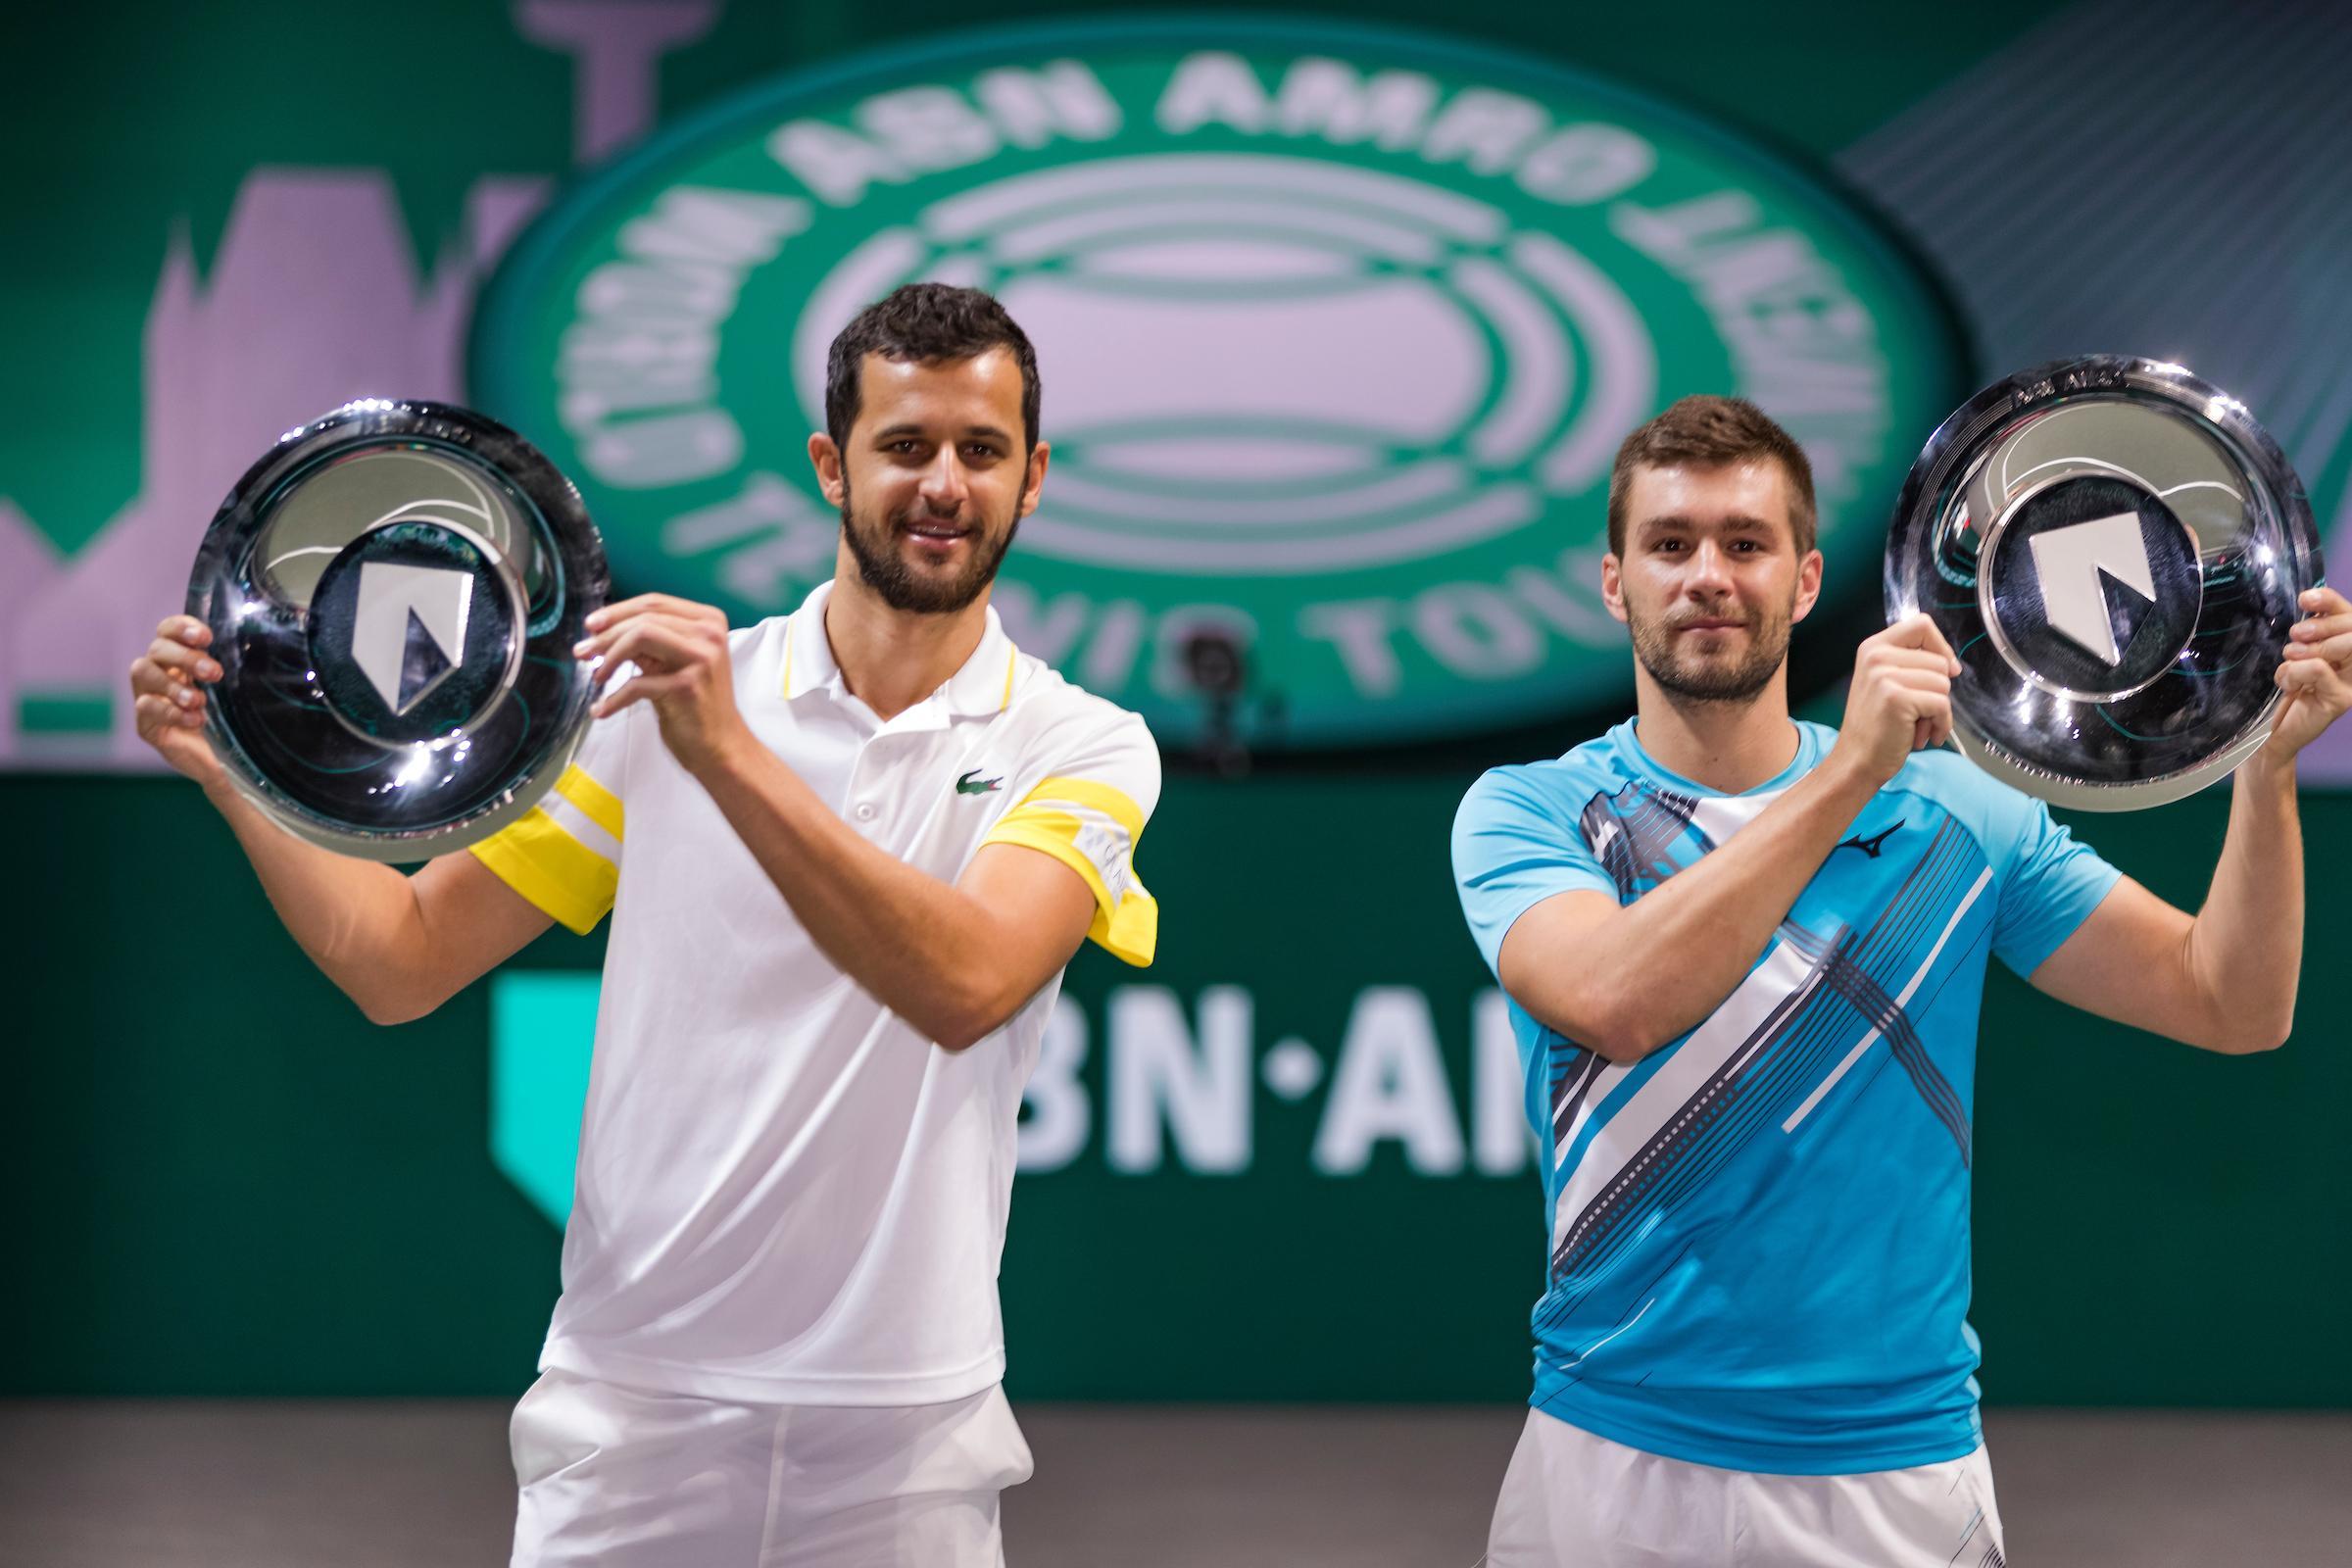 Nikola Mektic en Mate Pavic winnen dubbelspeltitel